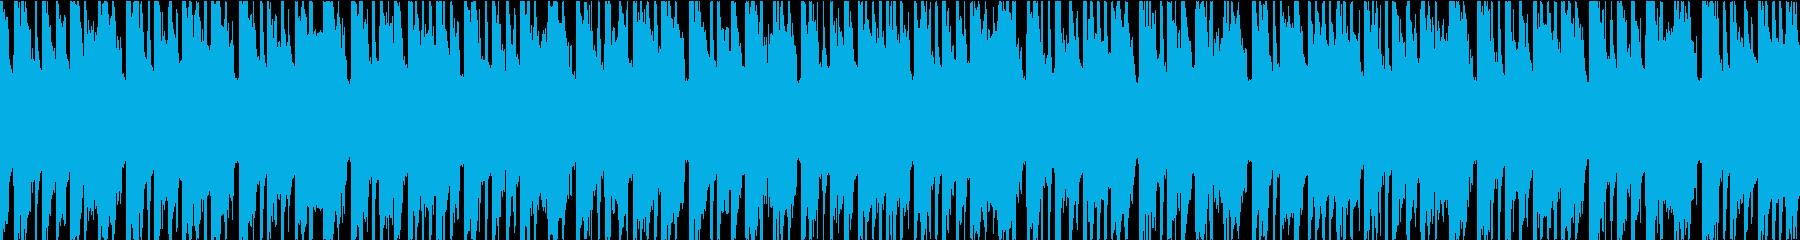 他愛もないシーンに合いそうなループ曲の再生済みの波形